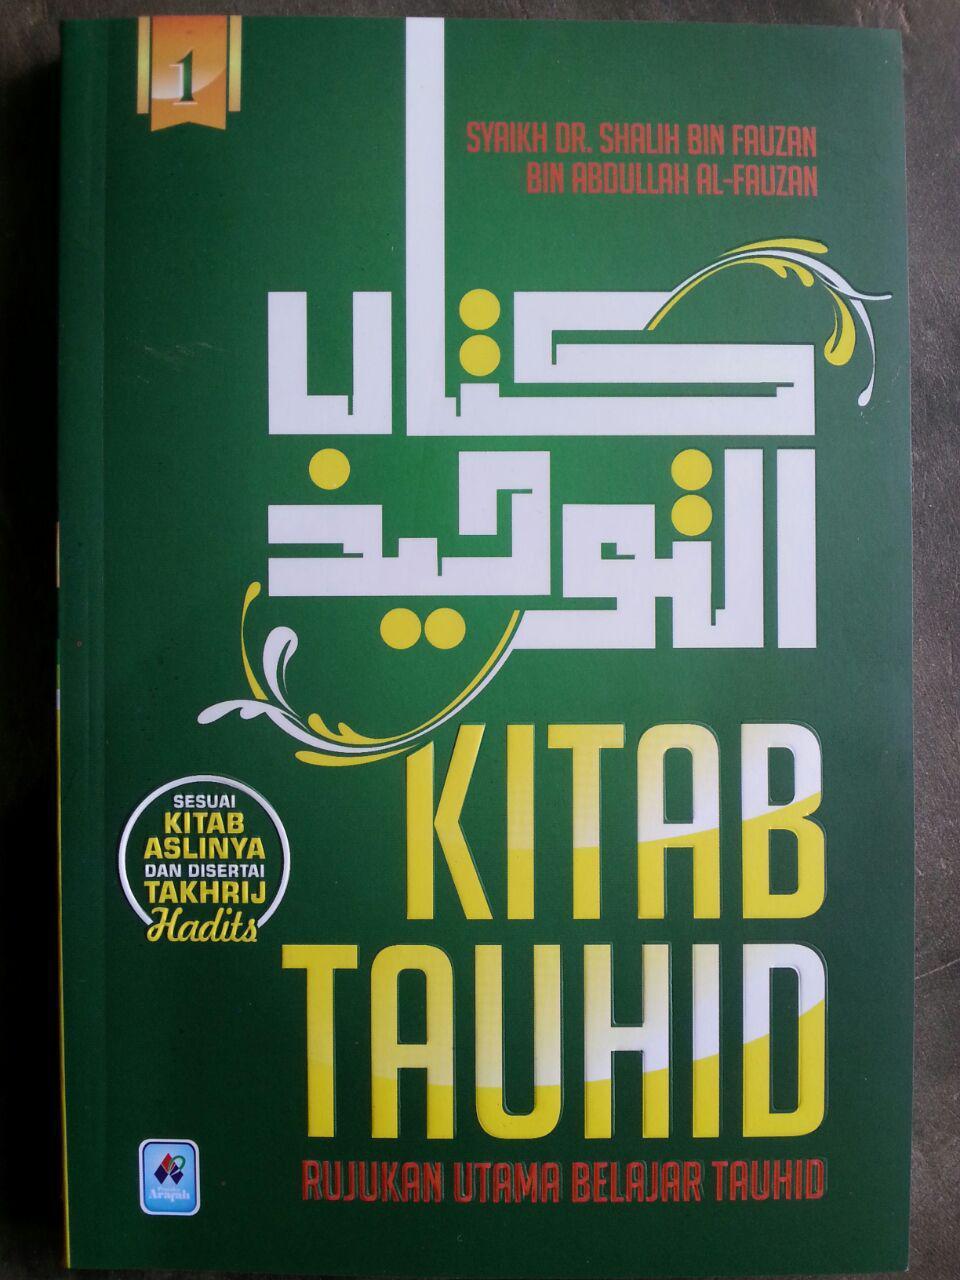 Buku Kitab Tauhid Rujukan Utama Belajar Tauhid 1 Set 3 Jilid cover 7